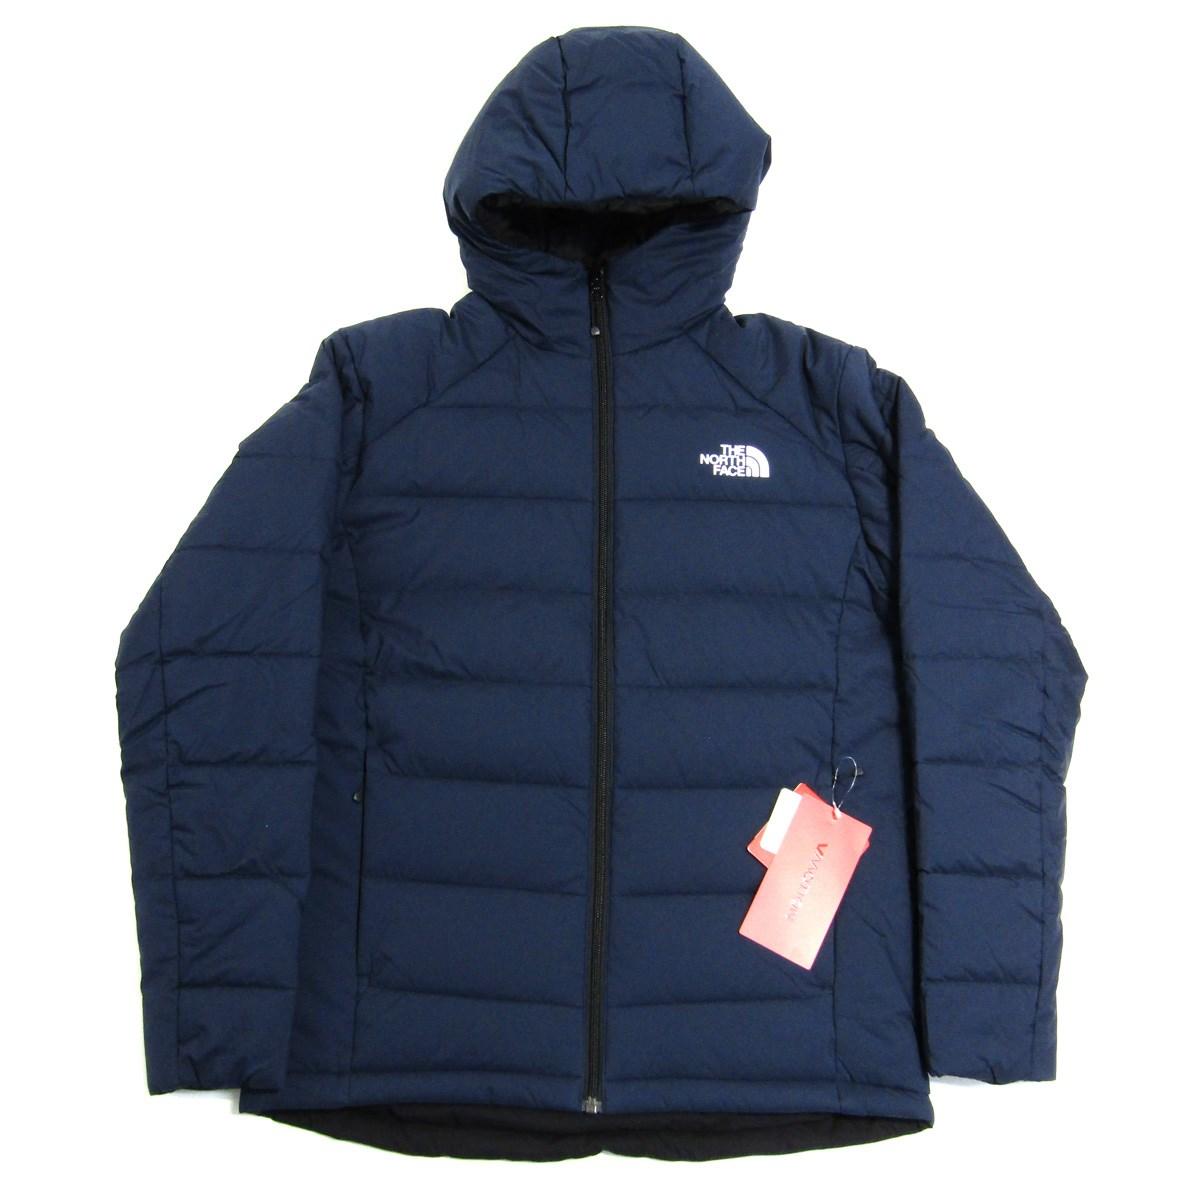 【中古】THE NORTH FACE Reversible Anytime Insulated Hoodie ダウンジャケット ネイビー サイズ:M 【210220】(ザノースフェイス)